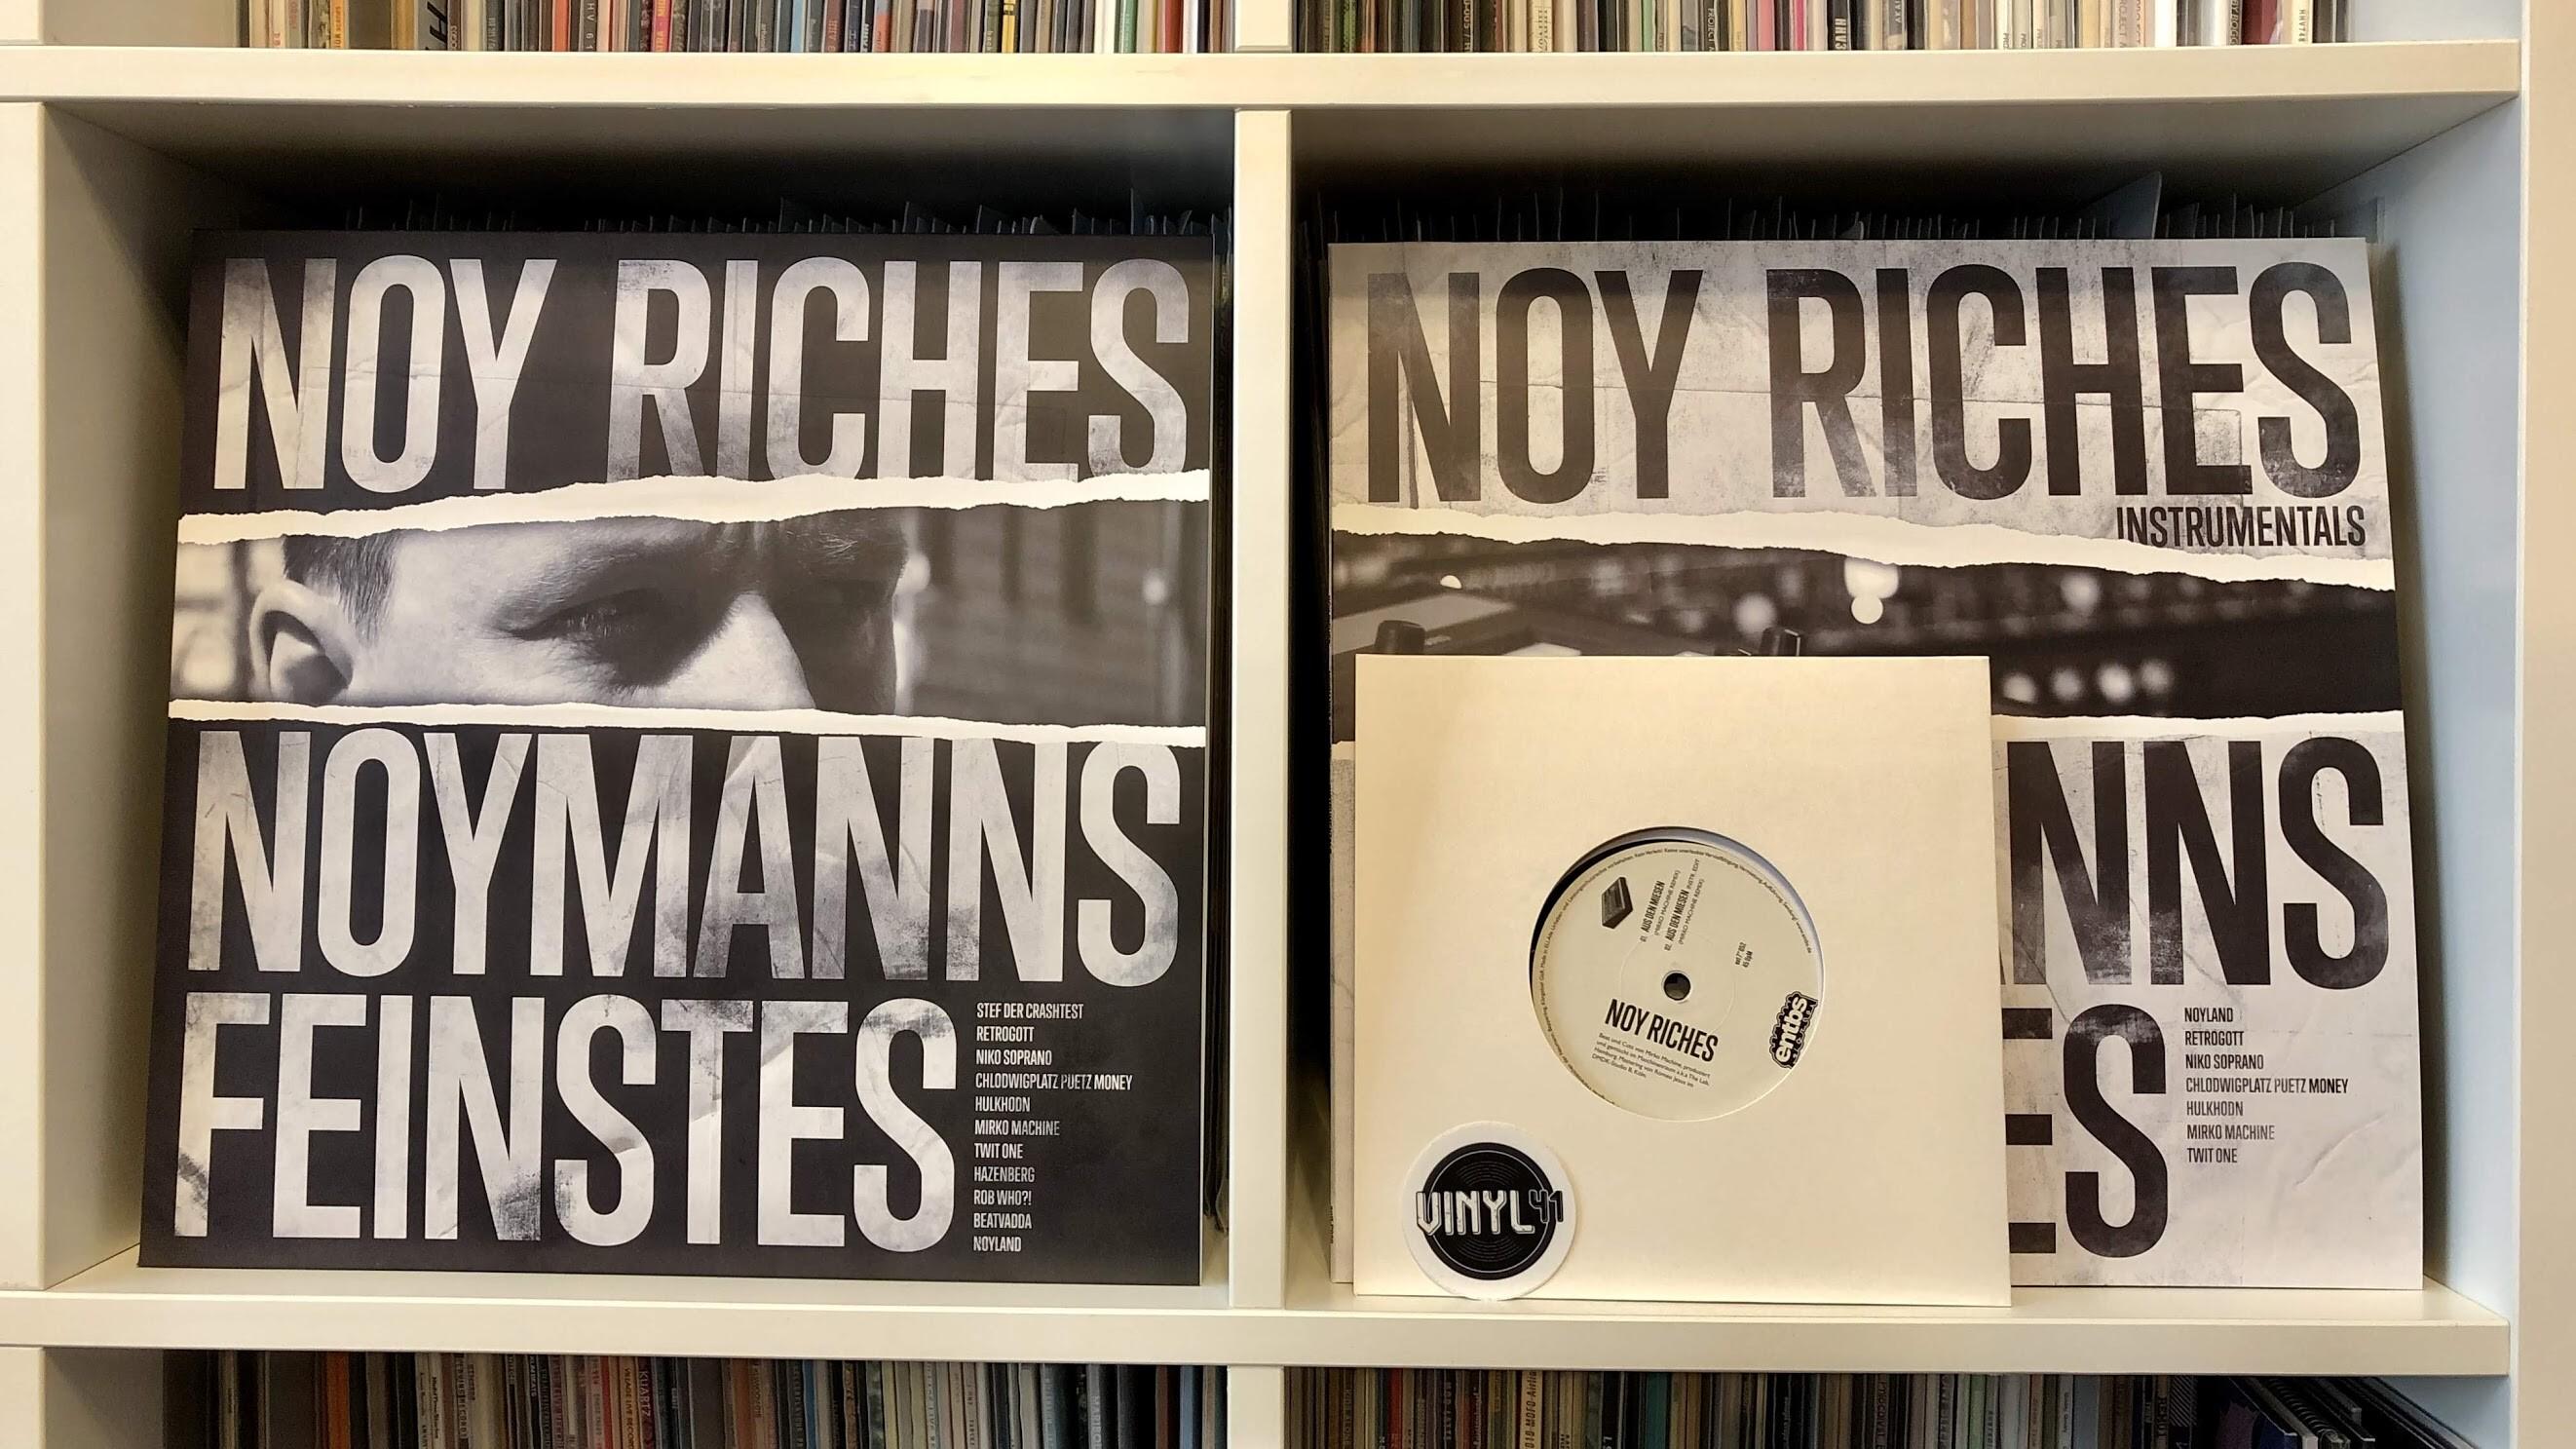 Noy Riches - Noymanns Feinstes